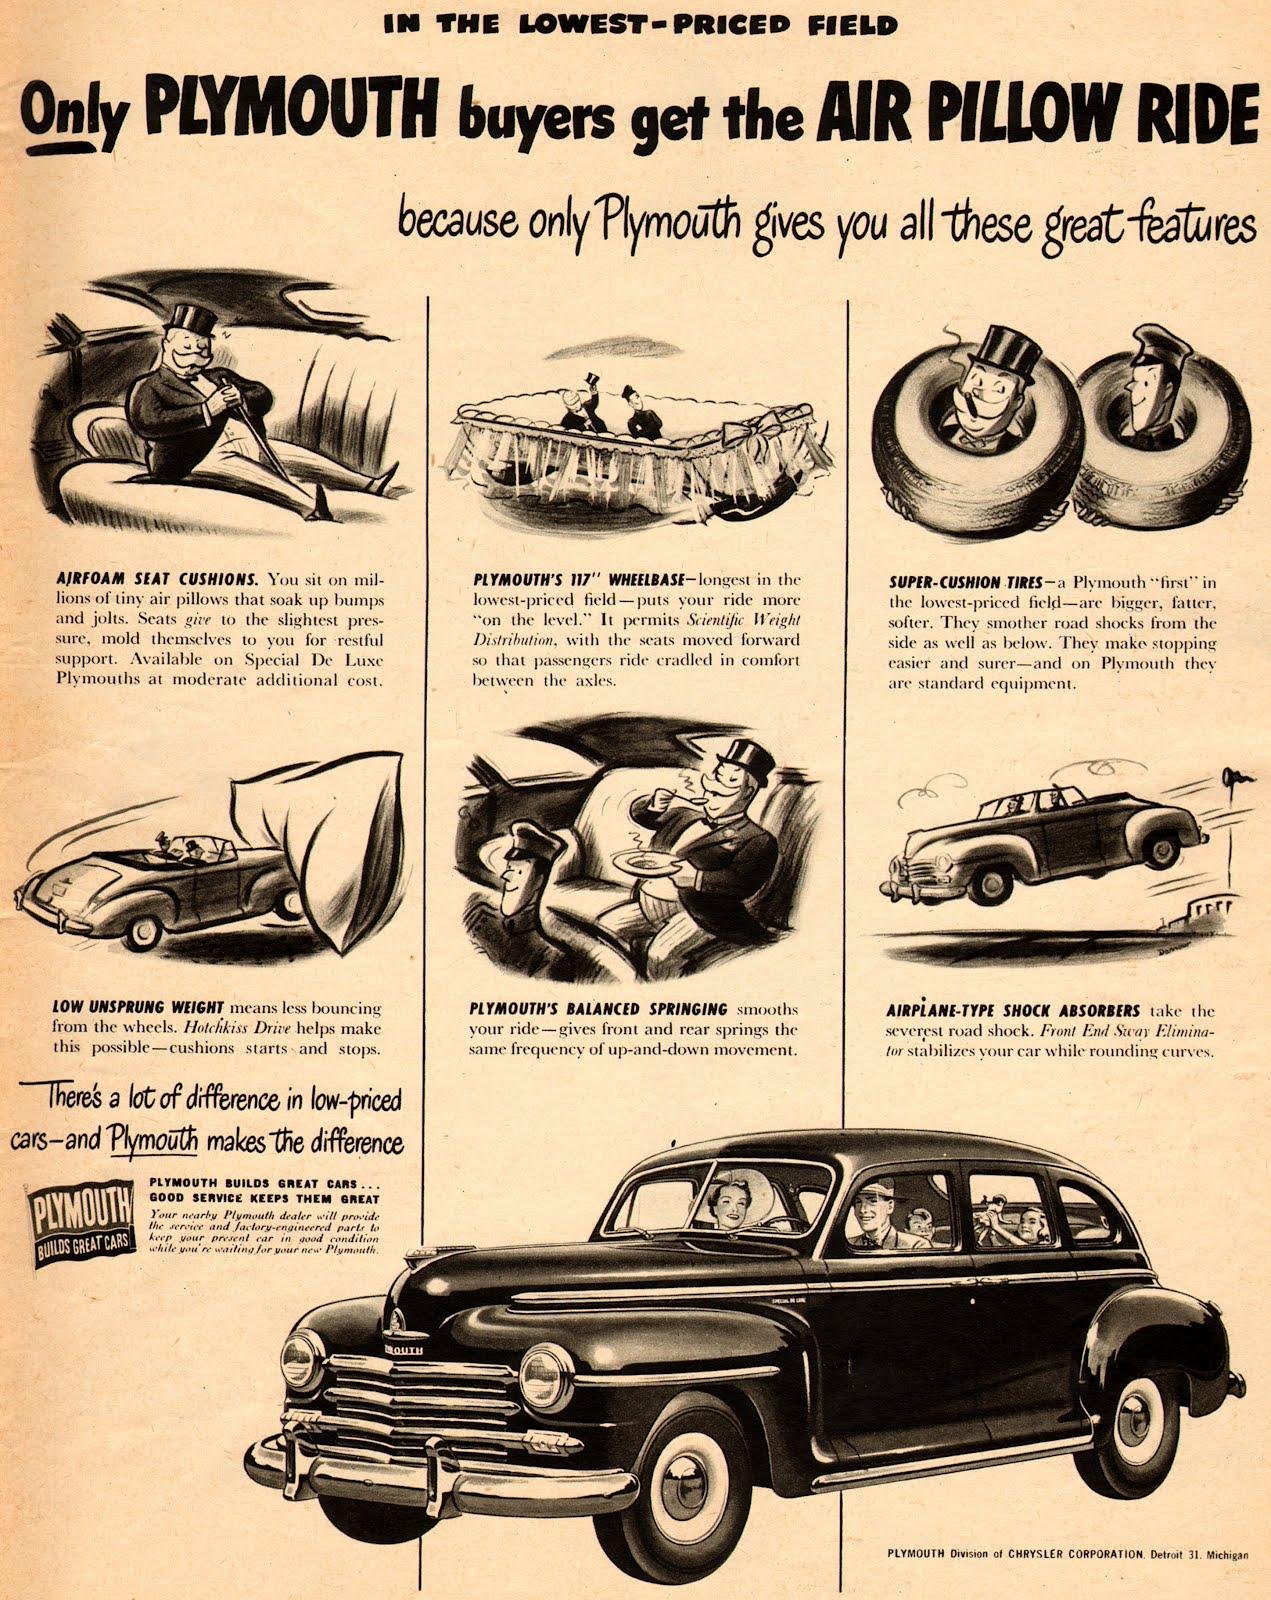 Vintage Automobile Advertisements 22